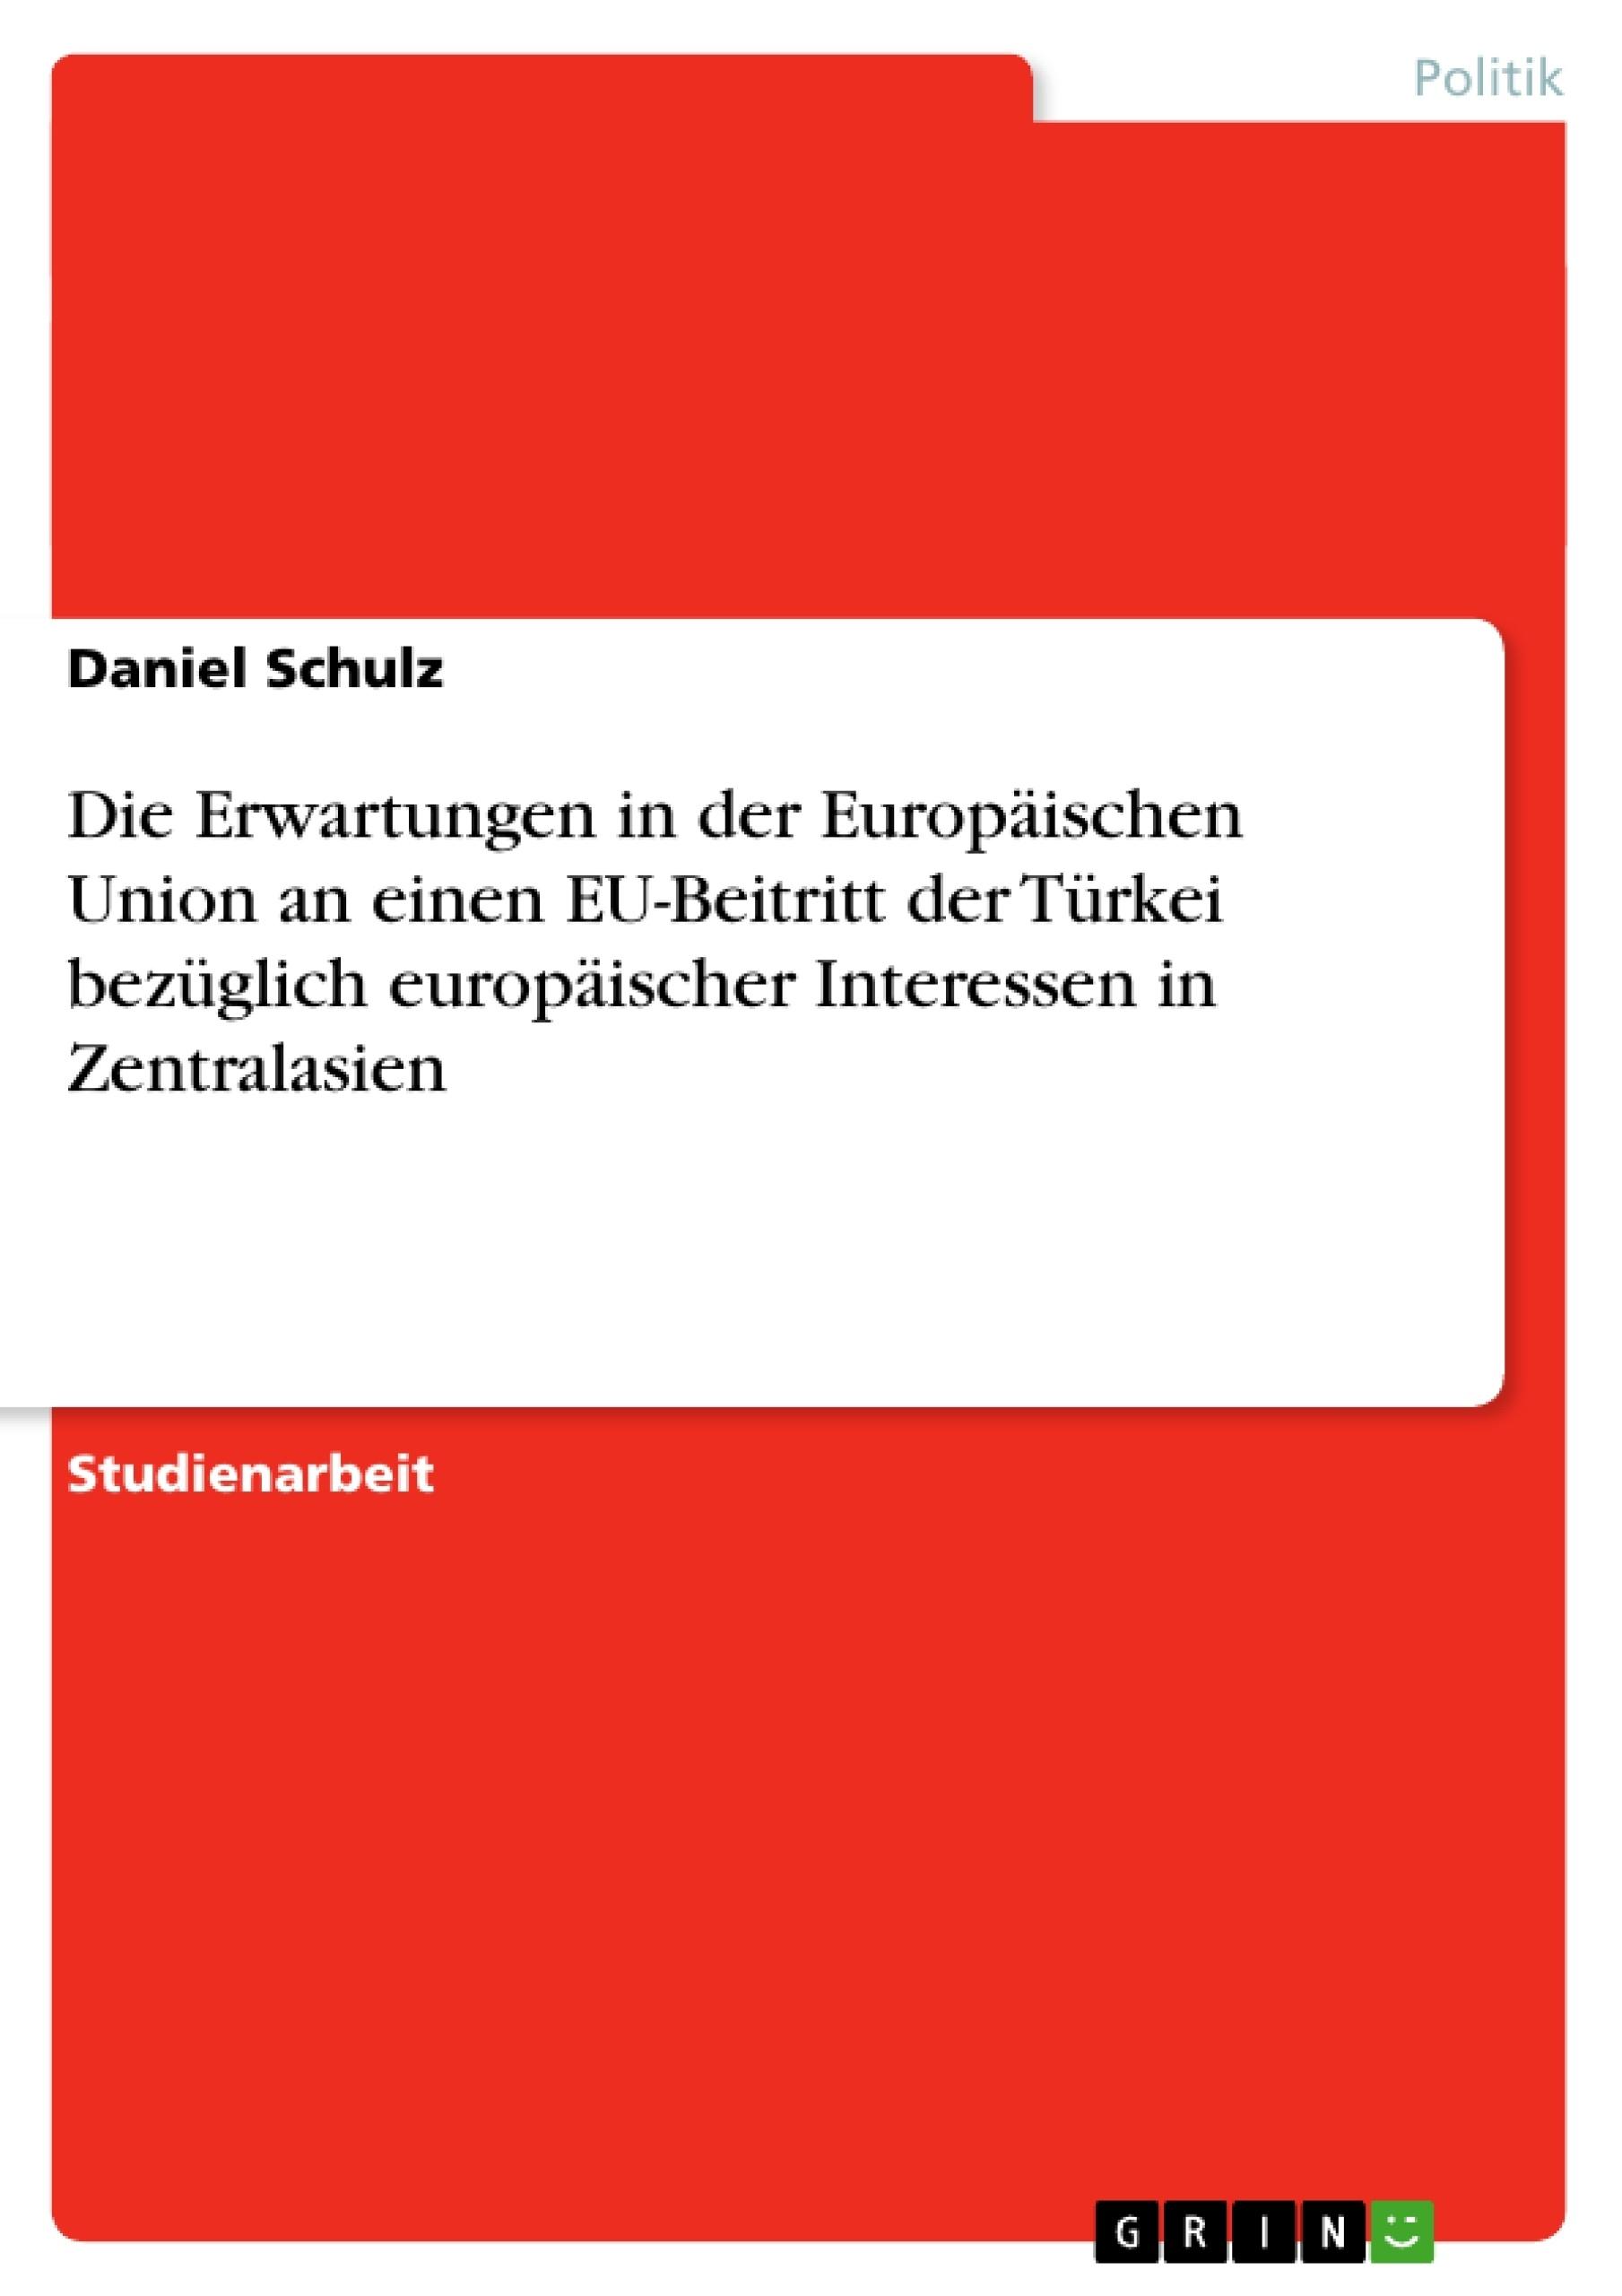 Titel: Die Erwartungen in der Europäischen Union an einen EU-Beitritt der Türkei bezüglich europäischer Interessen in Zentralasien